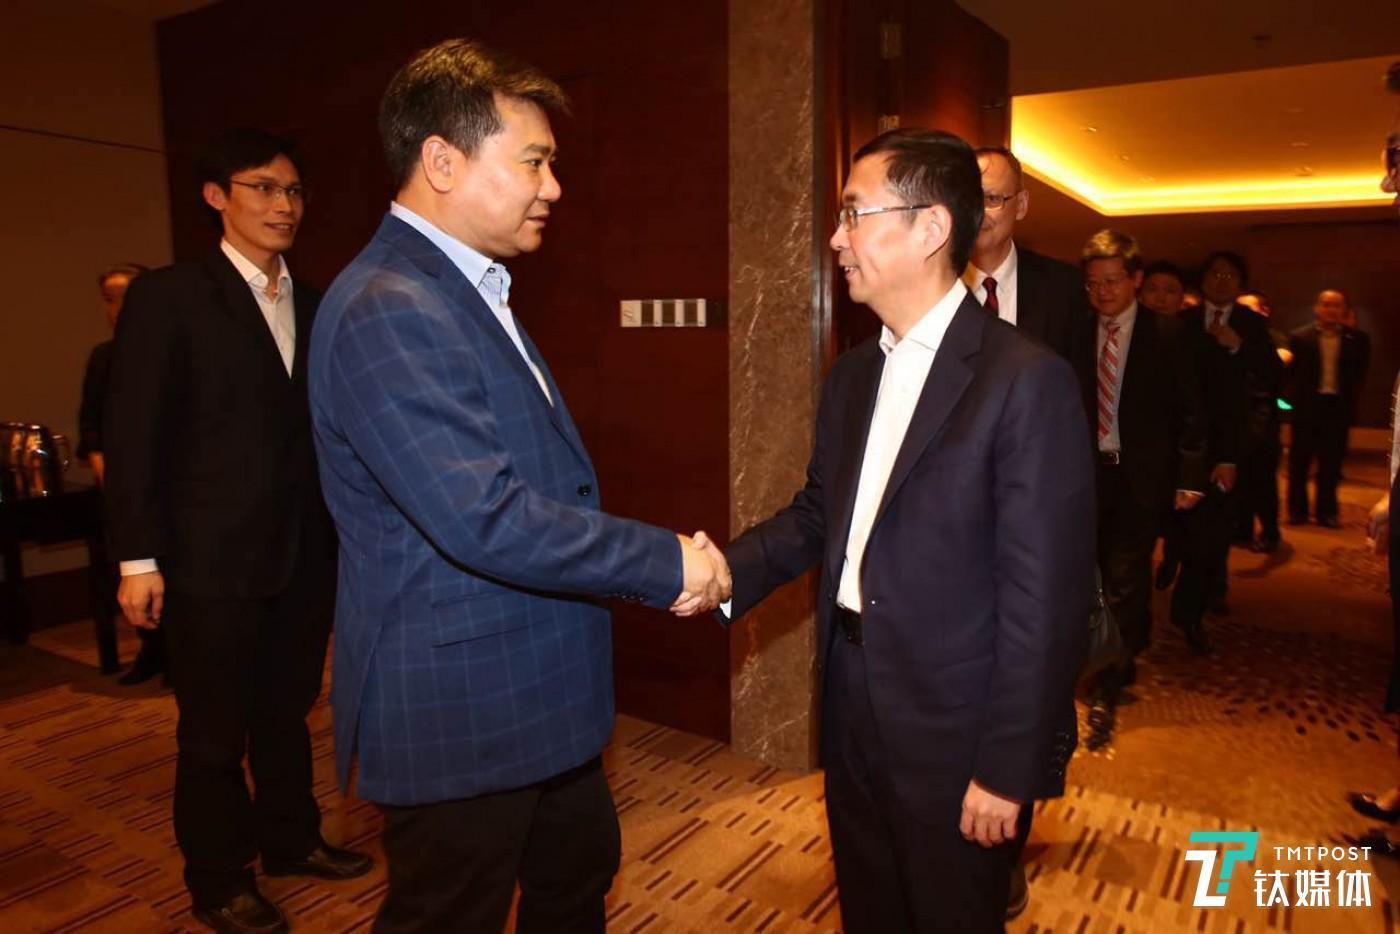 左:苏宁董事长张近东;右:阿里巴巴CEO张勇